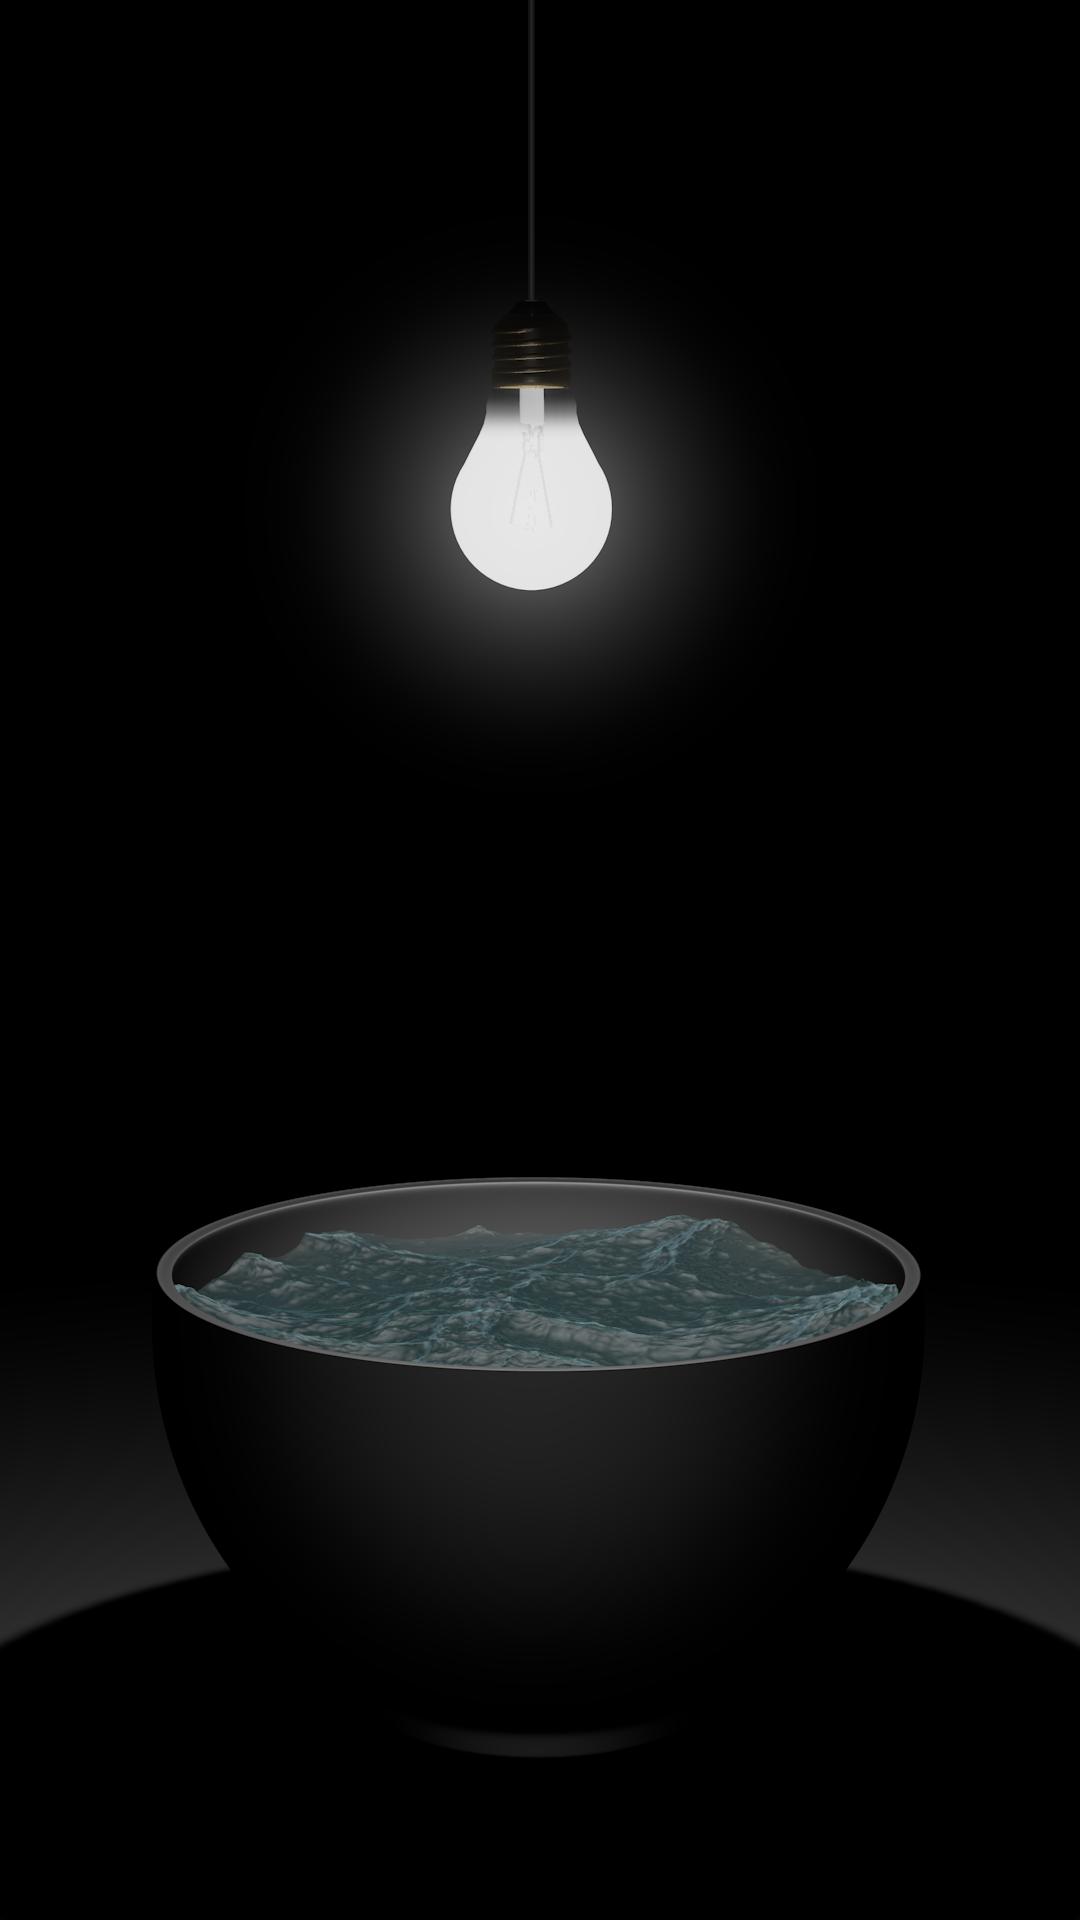 Danberg_4d-Stillleben_Wasserschale mit Glühbirne